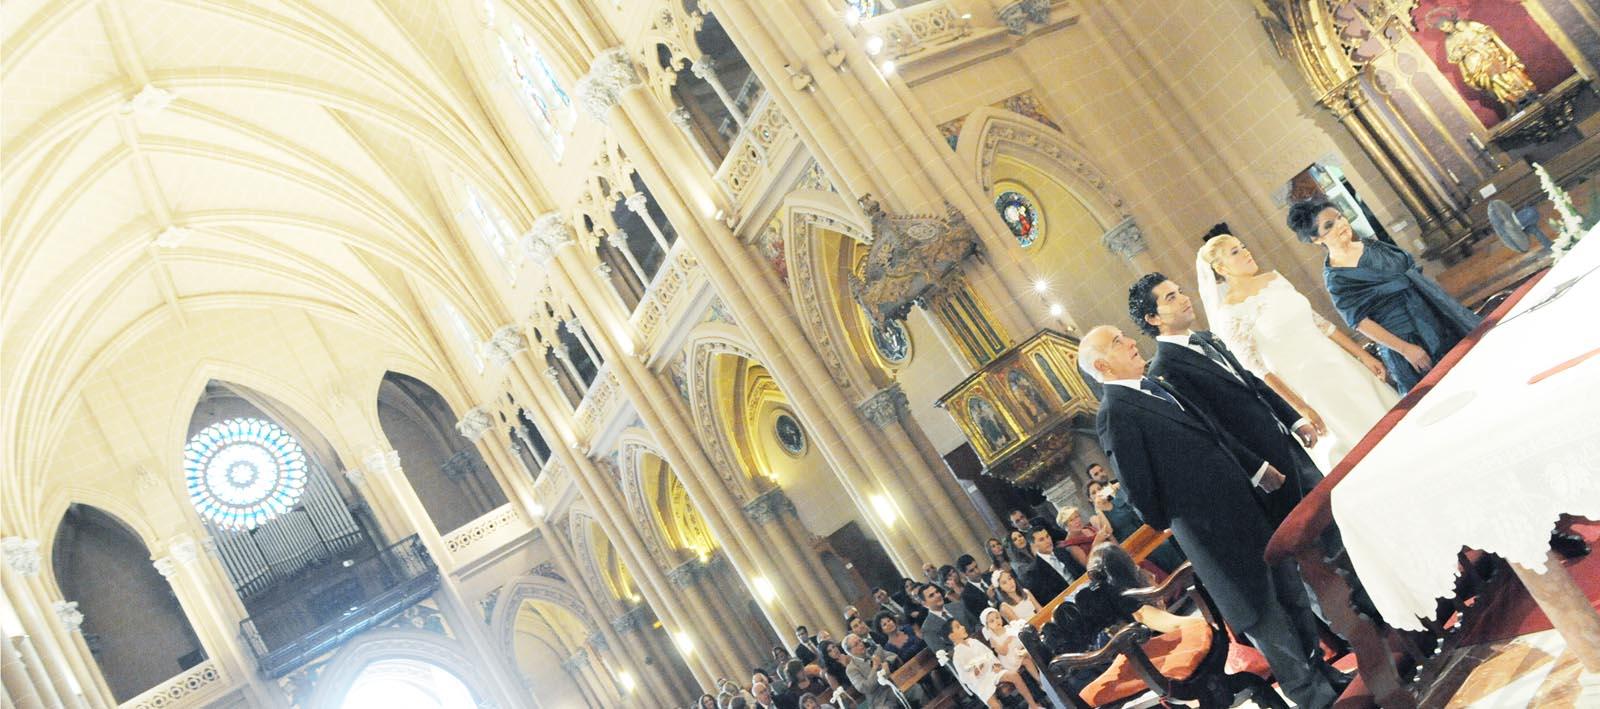 Sagrado corazon de jesus - boda malaga (4)